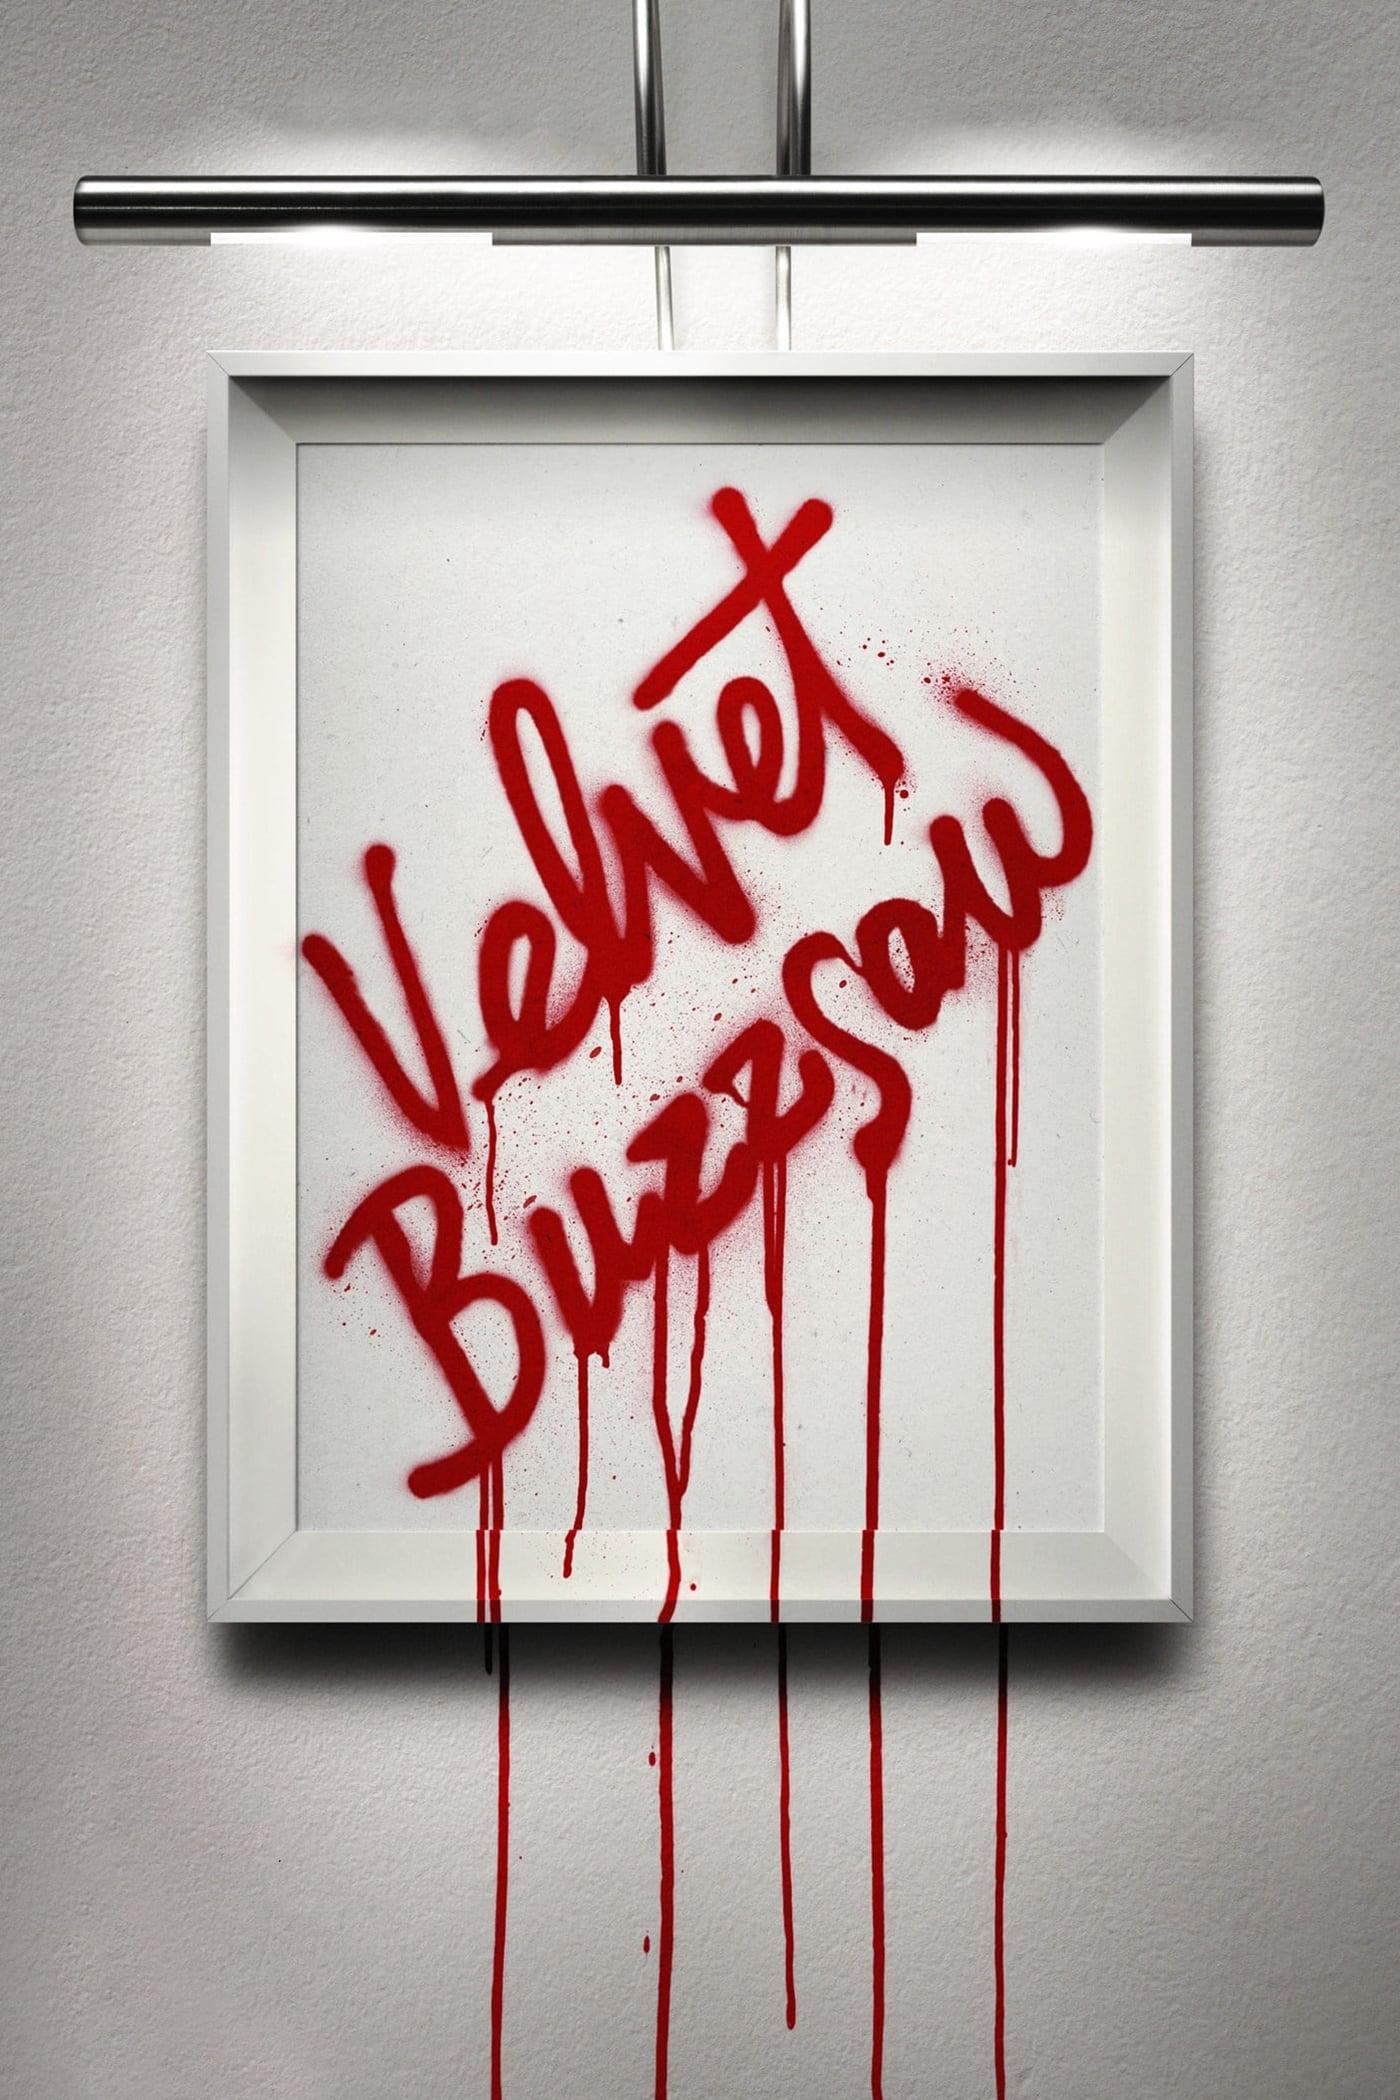 دانلود فیلم Velvet Buzzsaw 2019 با دوبله فارسی